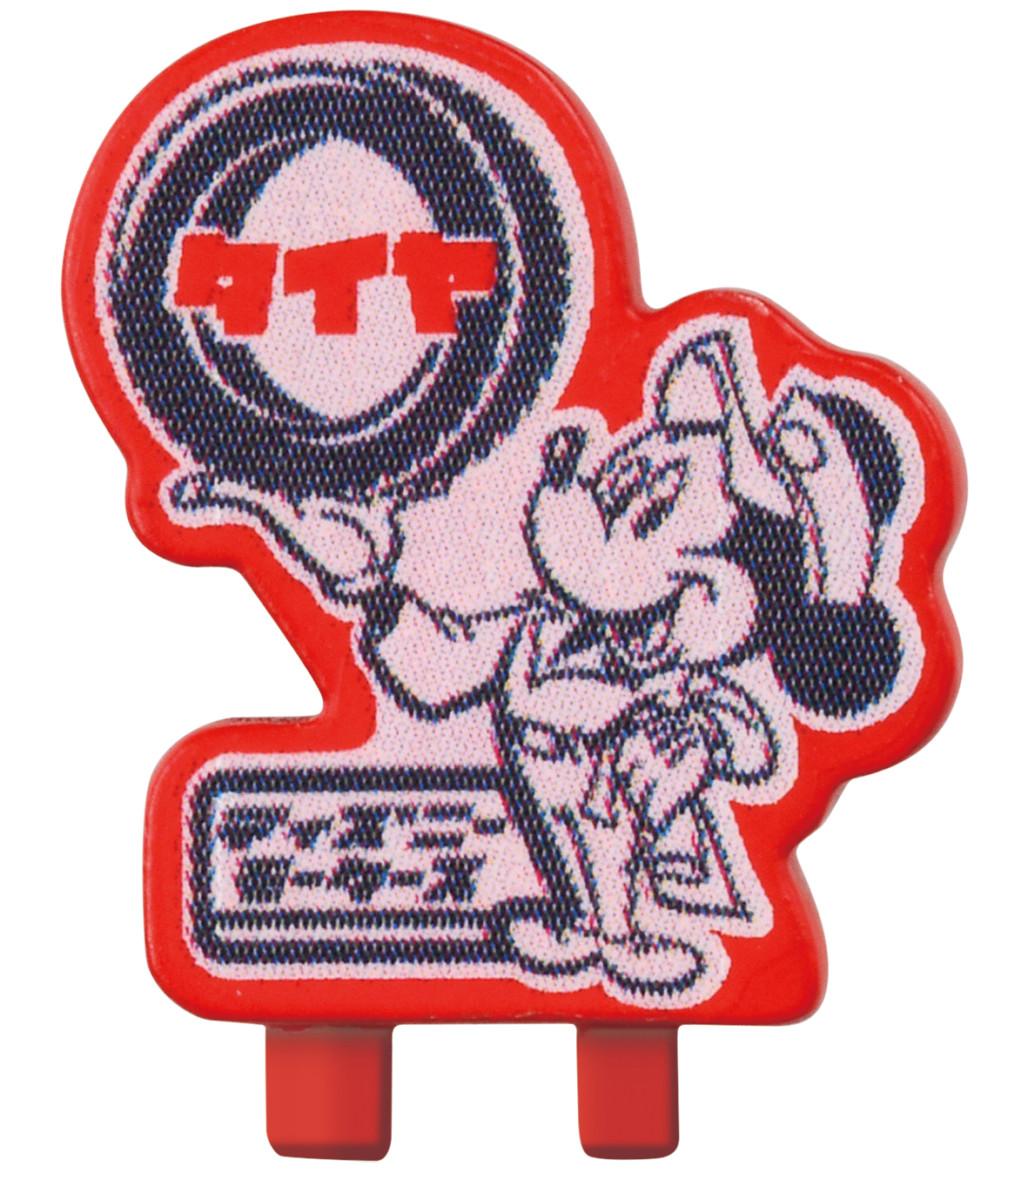 ディズニーモータース DM-02 ソラッタ ミッキーマウス デザインアップ